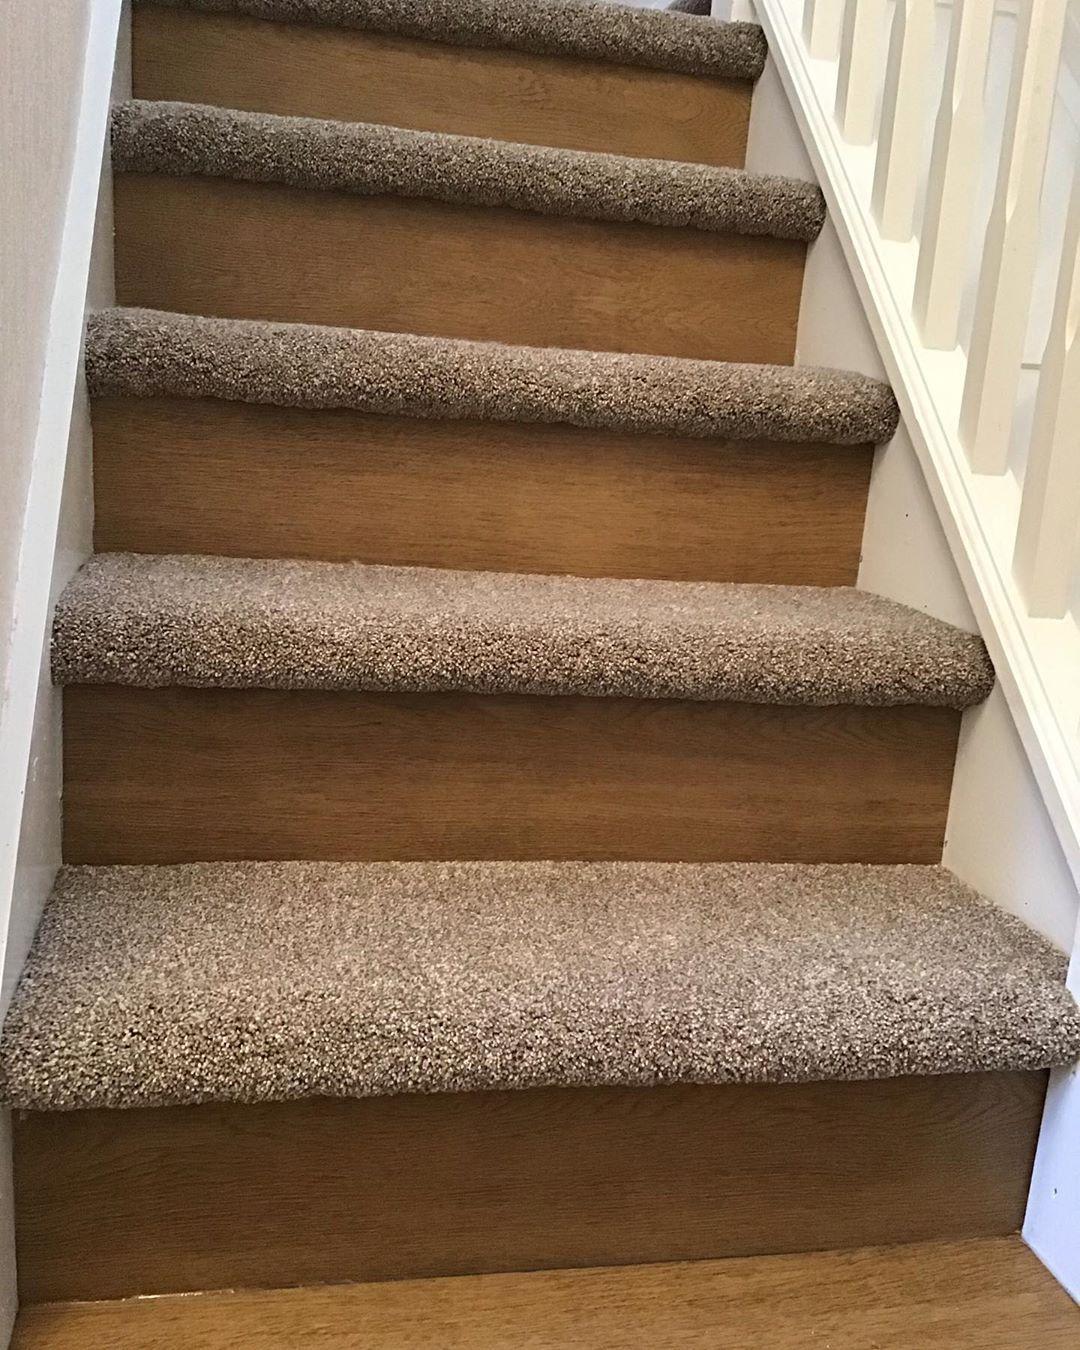 Doing What We Do Best Lvt Carpet Stairs Dryanflooring Lvtflooring Flooringinstallation Carpetfitter Carpet Rugs On Carpet Viscose Rug Carpet Fitters